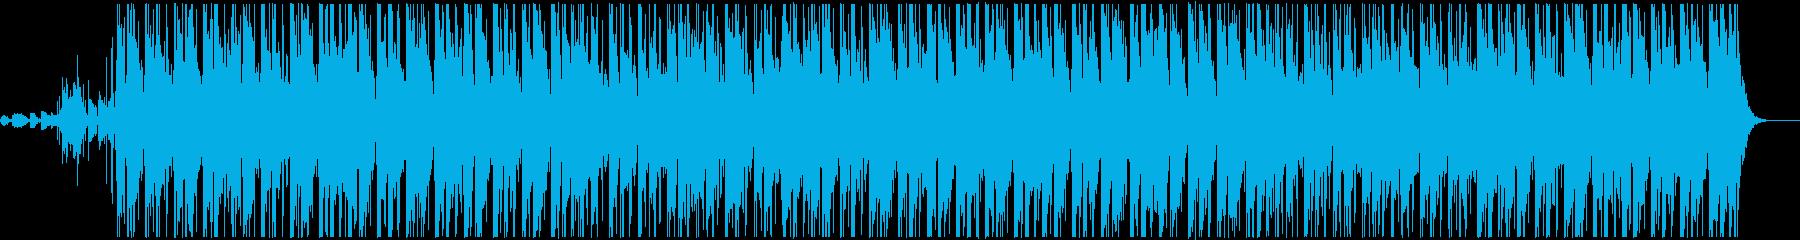 おしゃれなエレピ・グルーヴィな楽曲の再生済みの波形